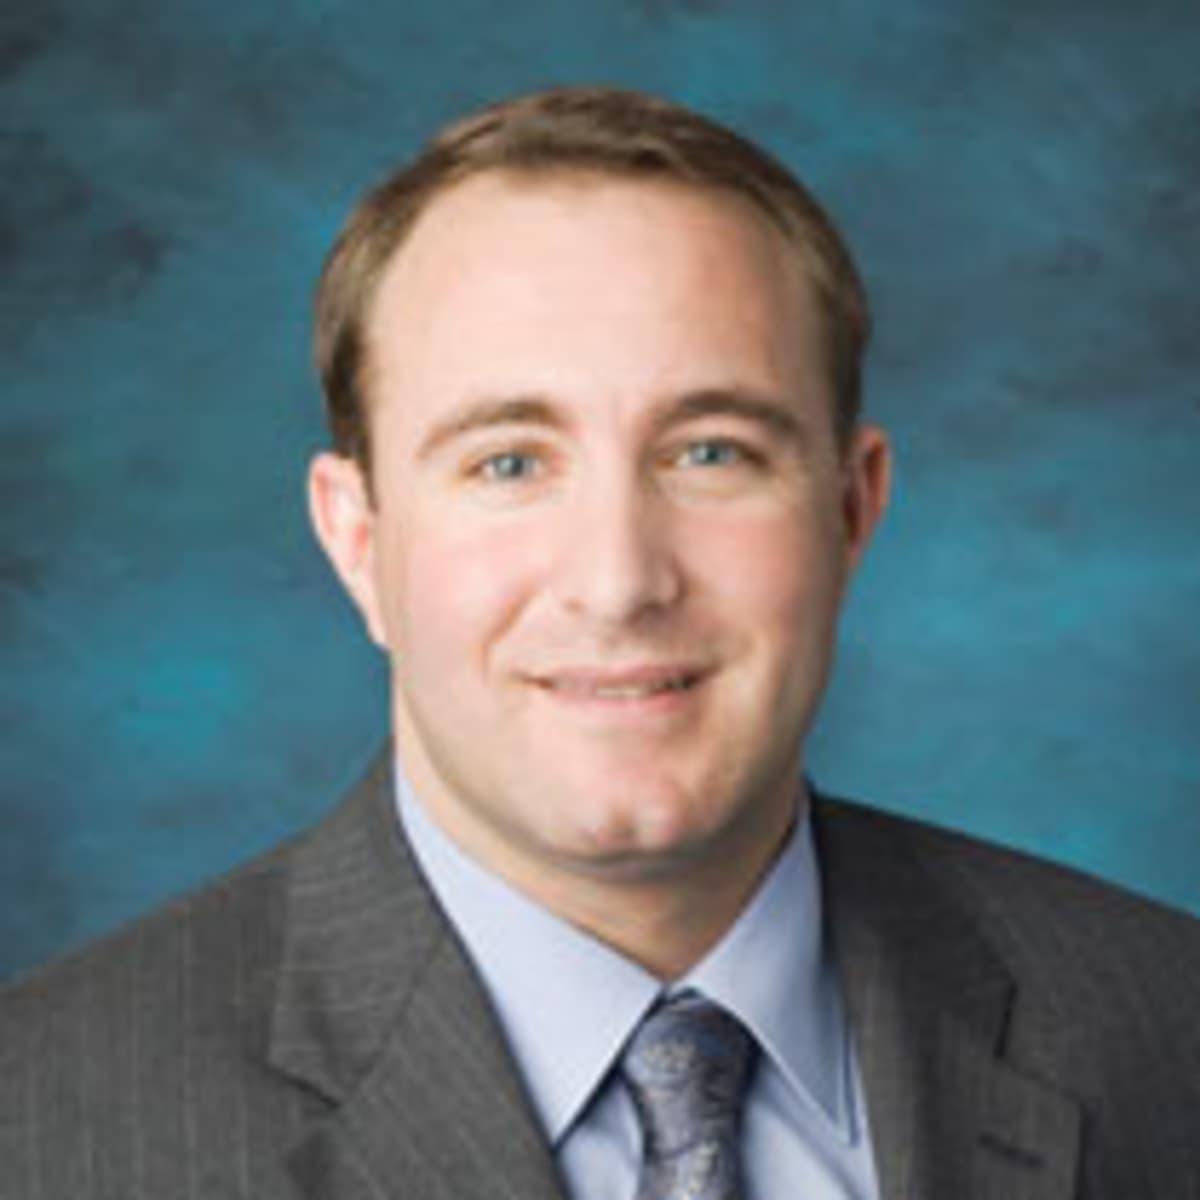 Dr. Alexander S Croog MD Reviews | Bethesda, MD | Vitals.com